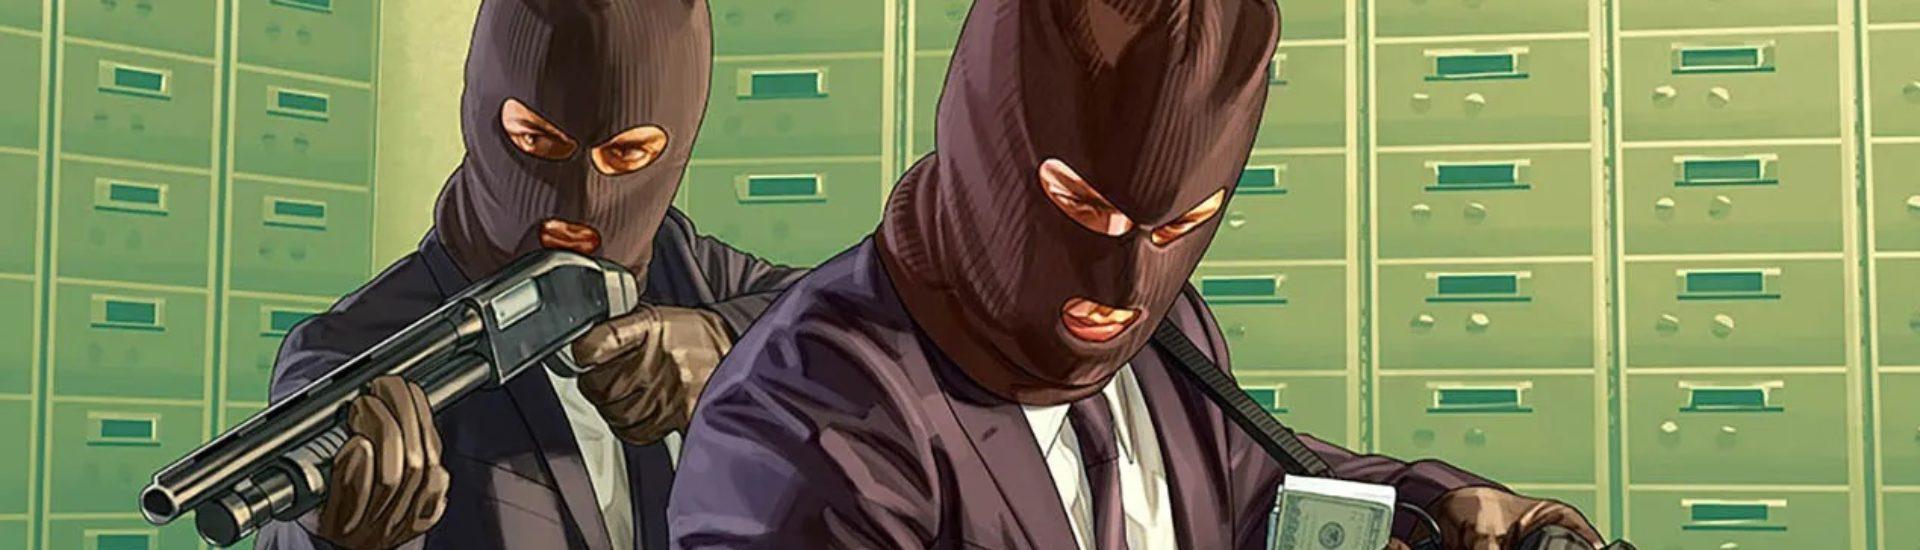 GTA Online: Take-Two gelingt erneut ein erfolgreicher Schlag gegen die GTA-Cheater-Szene